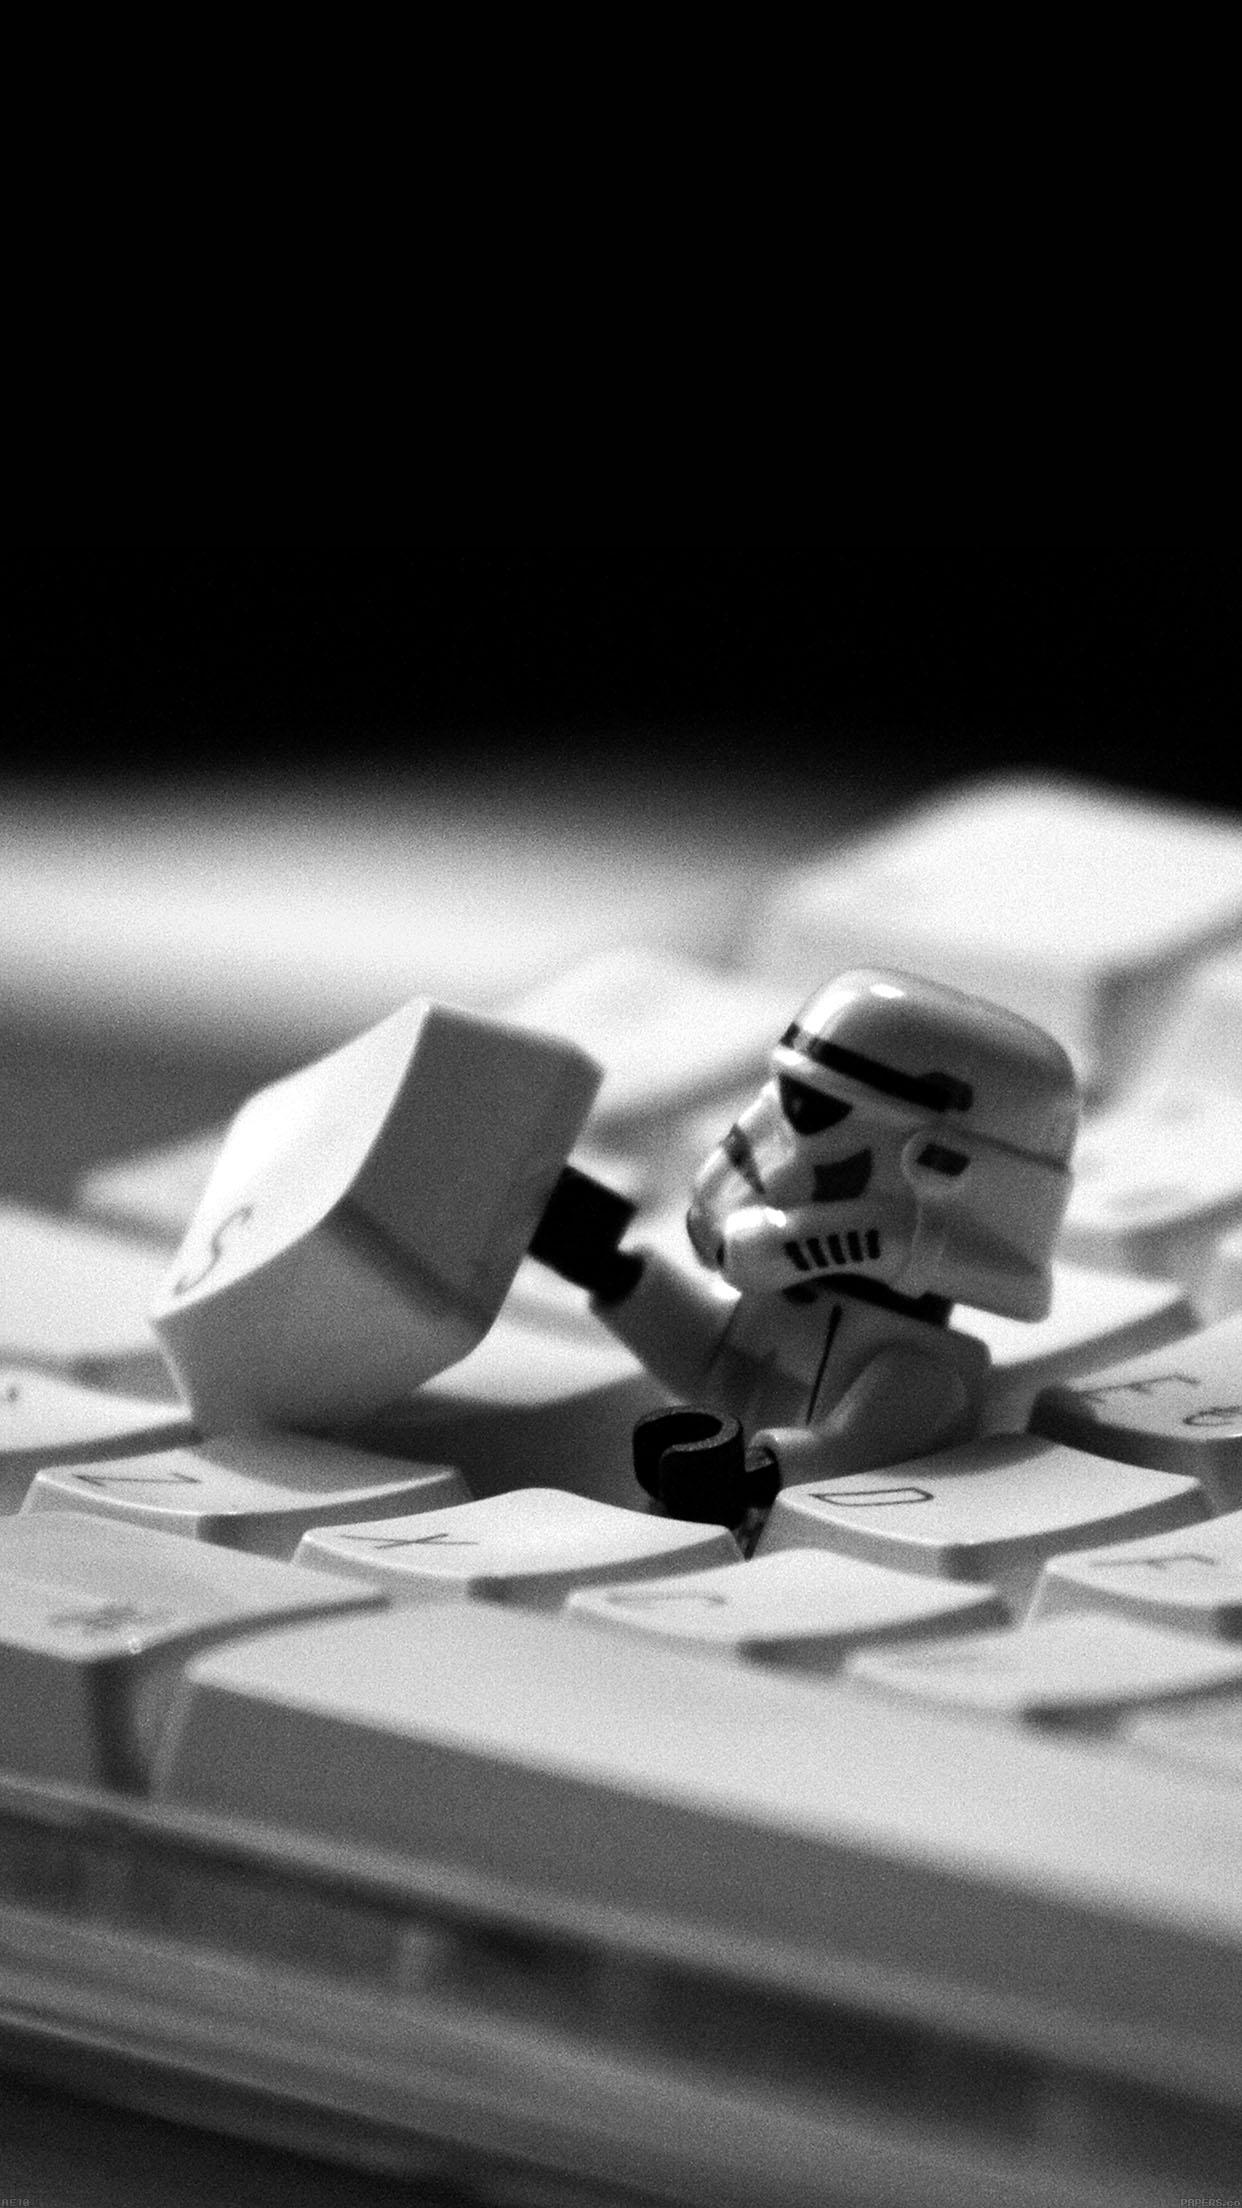 storm trooper starwars keyboard film 34 iphone6 plus wallpaperjpg 1242x2208